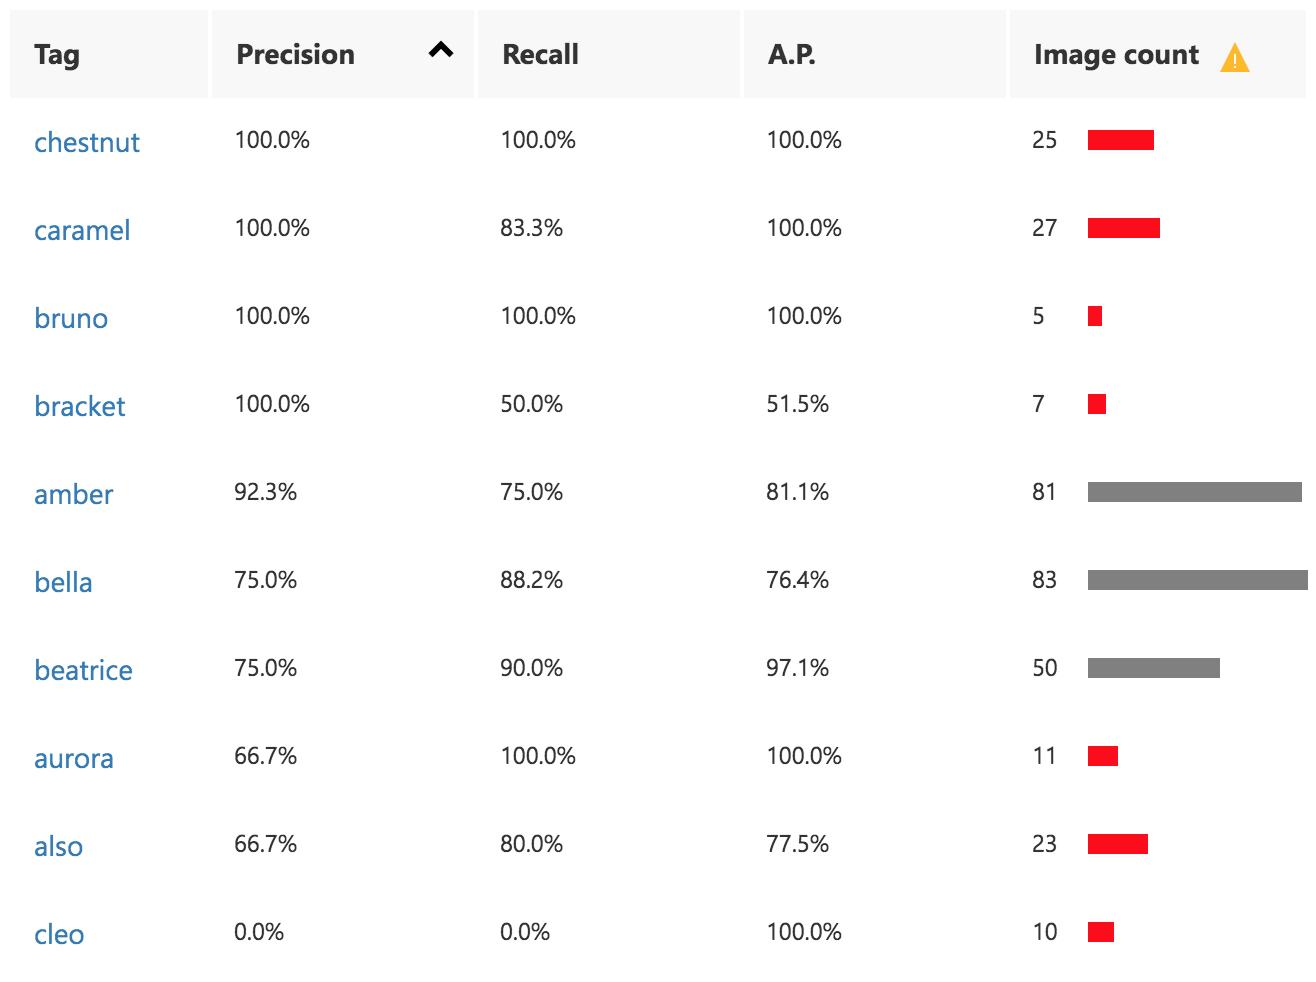 Custom Vision Performance Per Tag